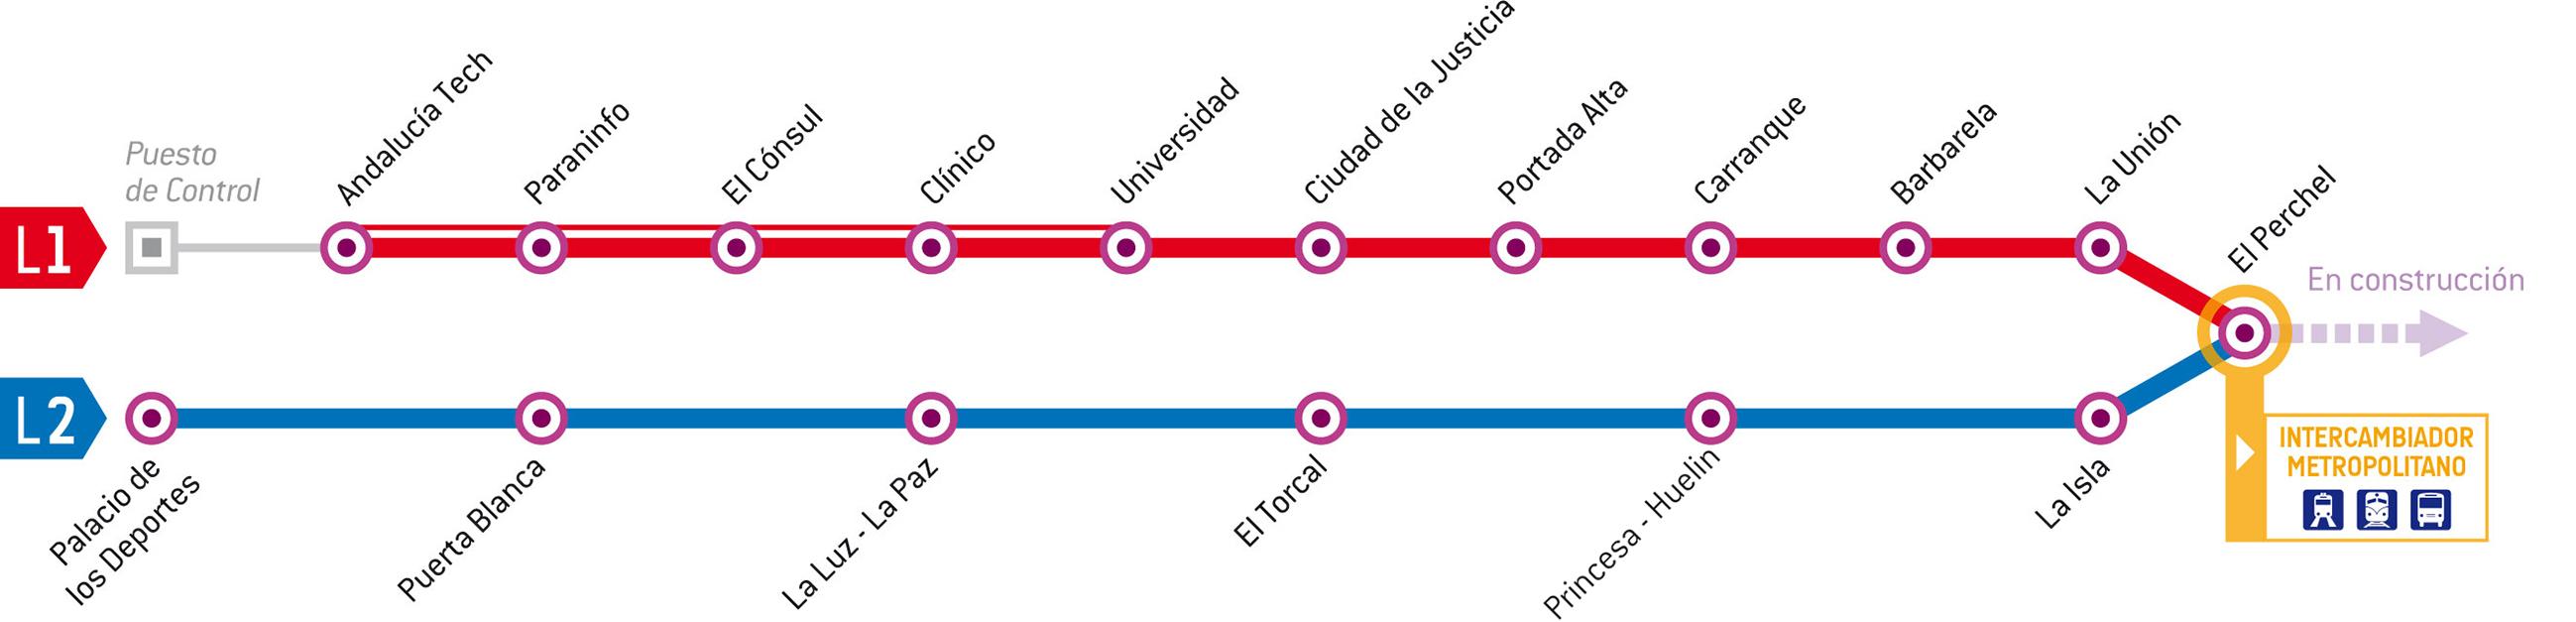 Mapa Estaciones Líneas Metro Málaga